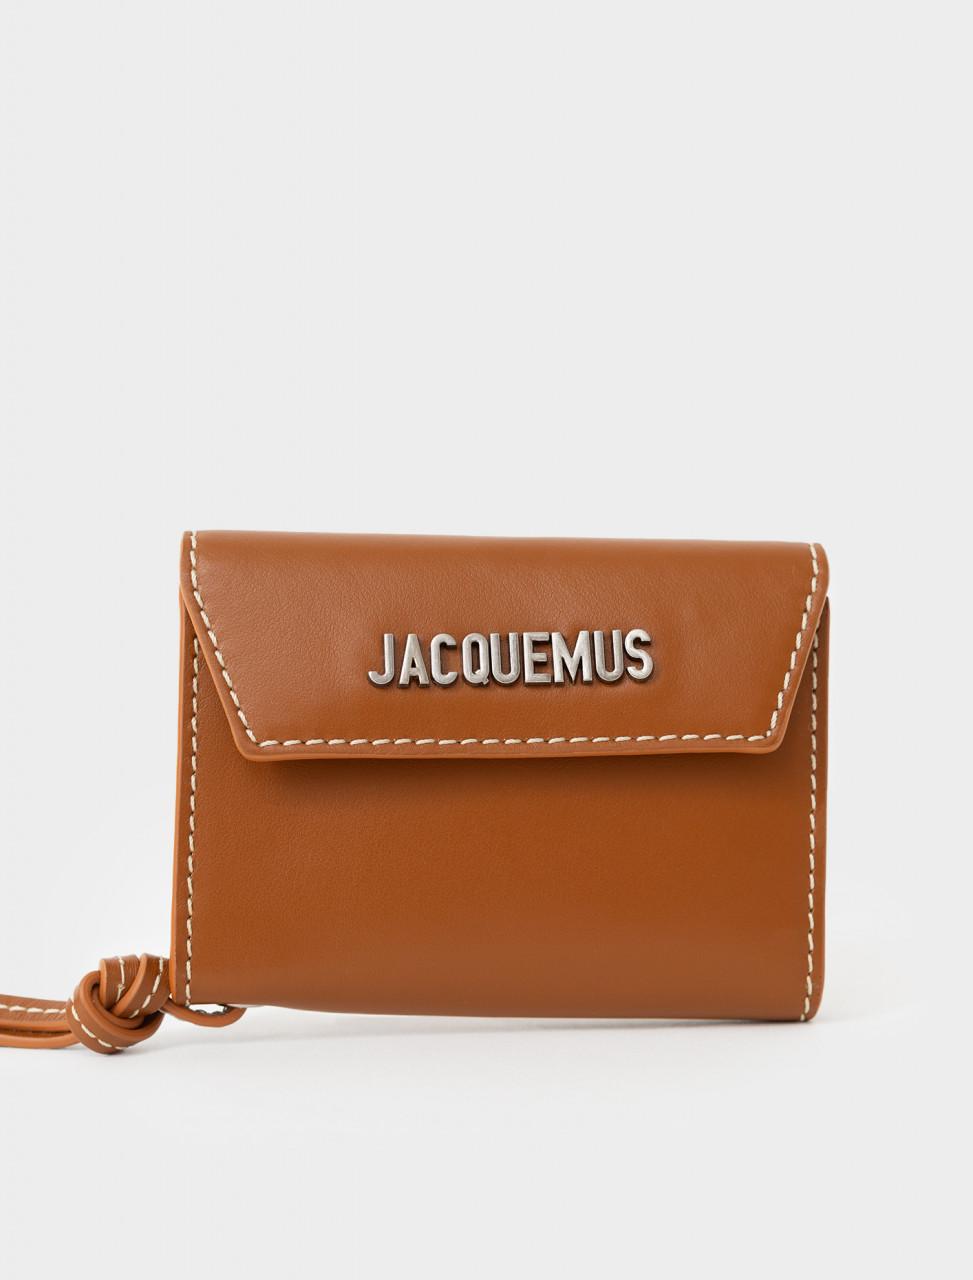 Le Porte Jacquemus